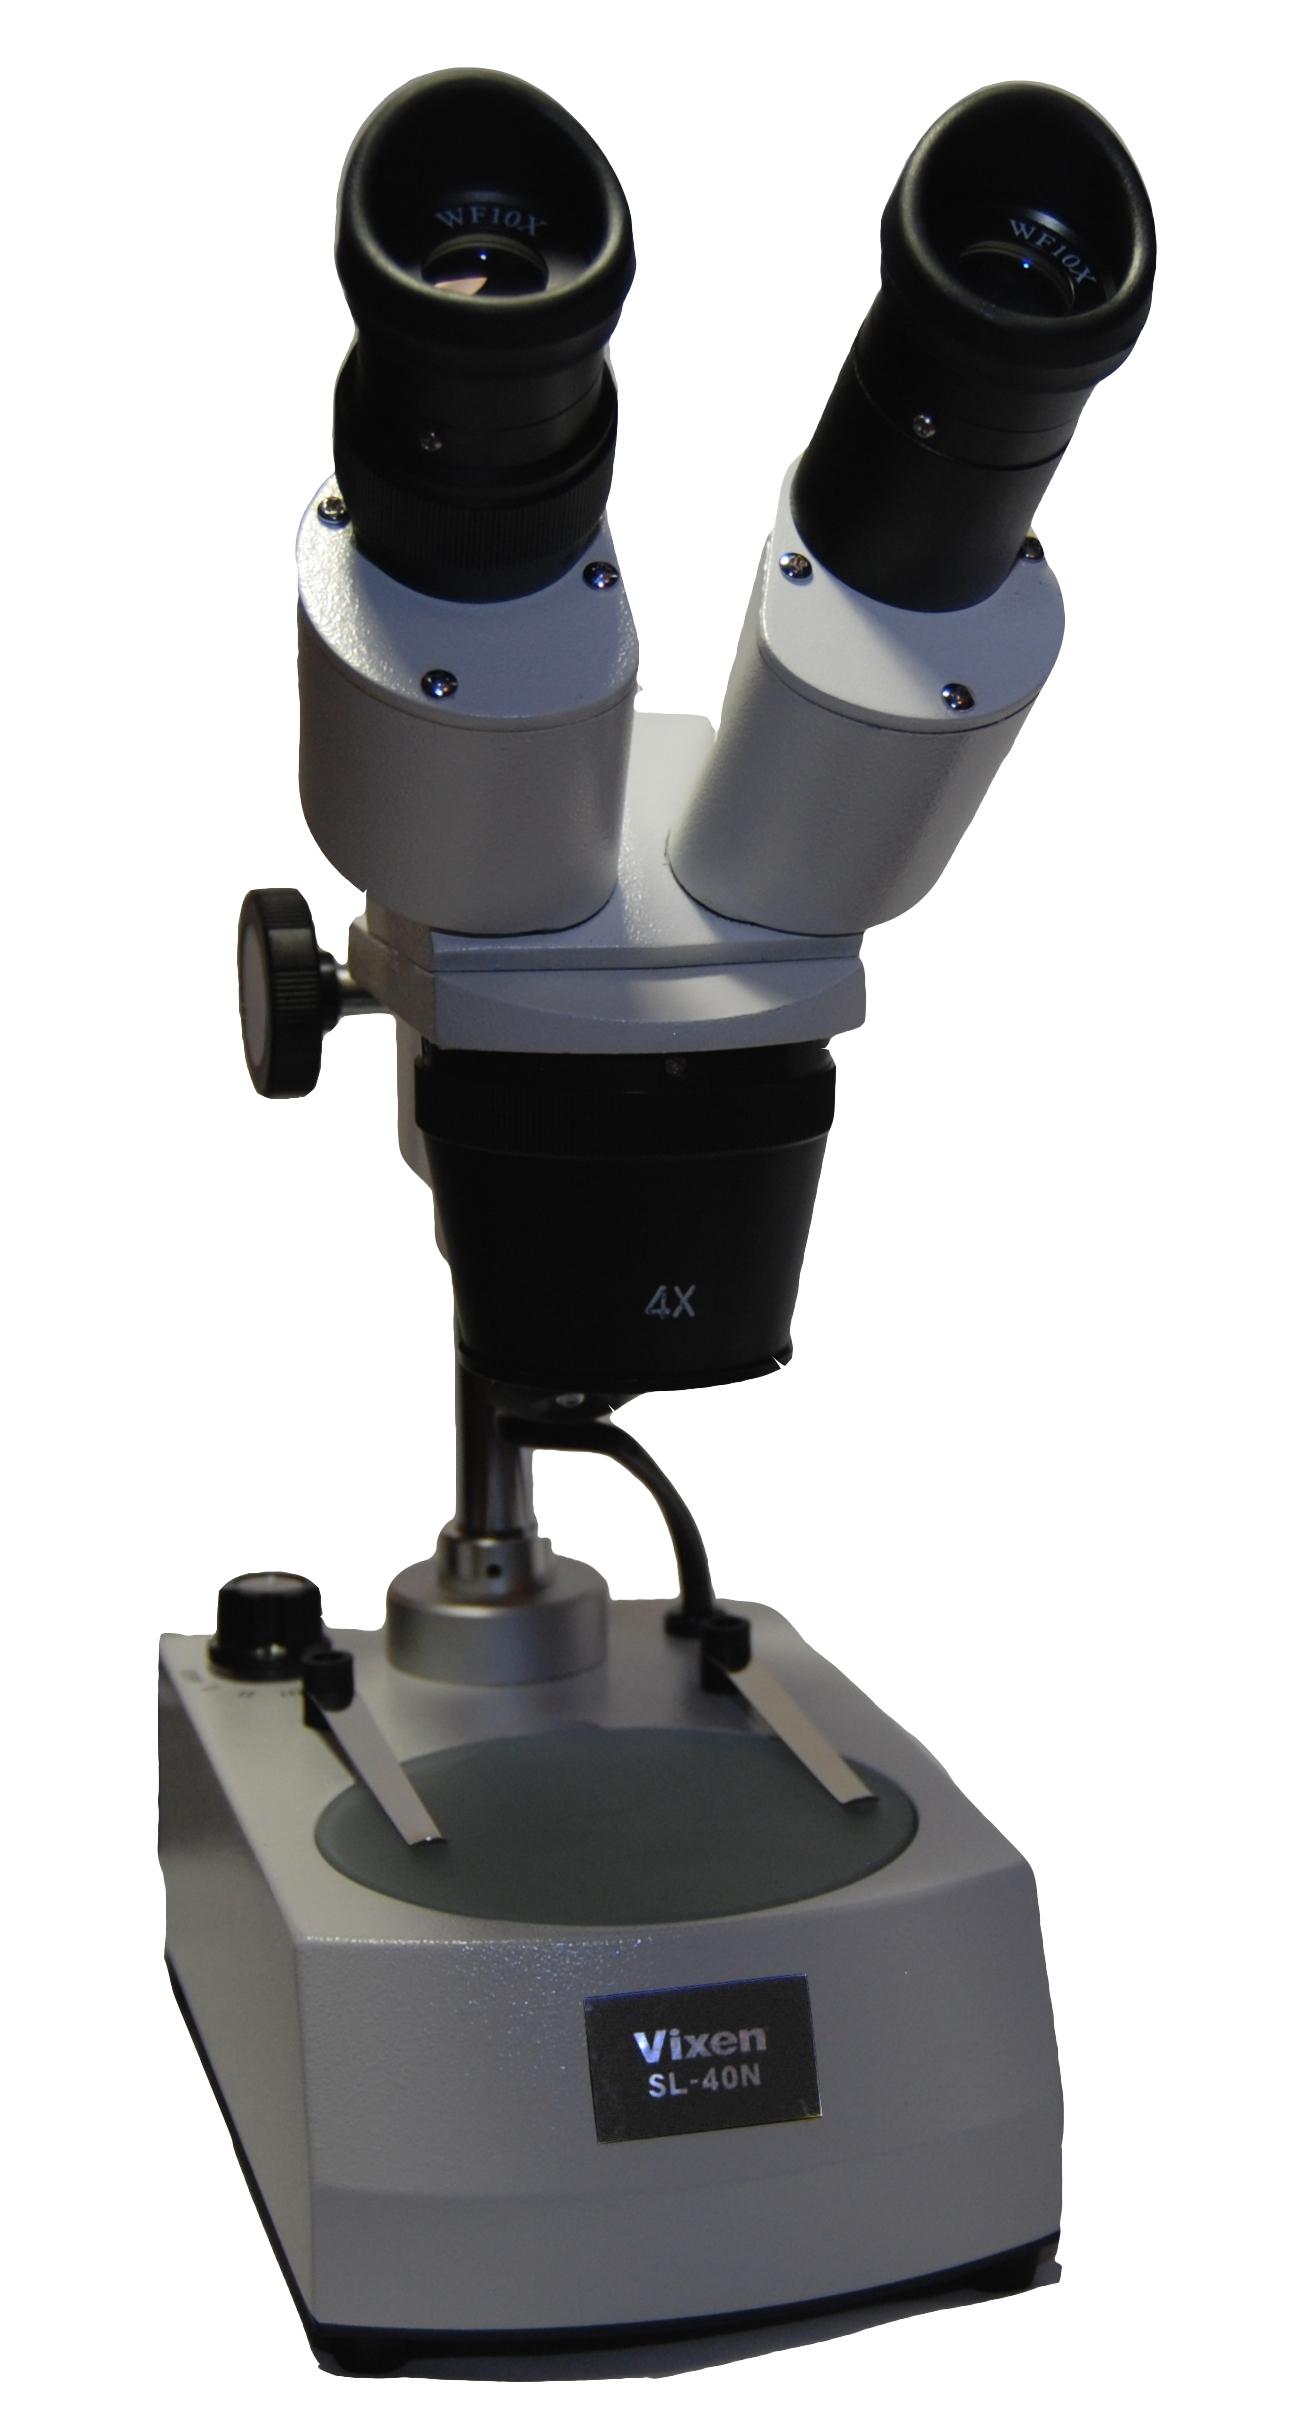 Review Spesifikasi dan Harga Jual Vixen SL-40N Microscope original termurah dan bergaransi resmi